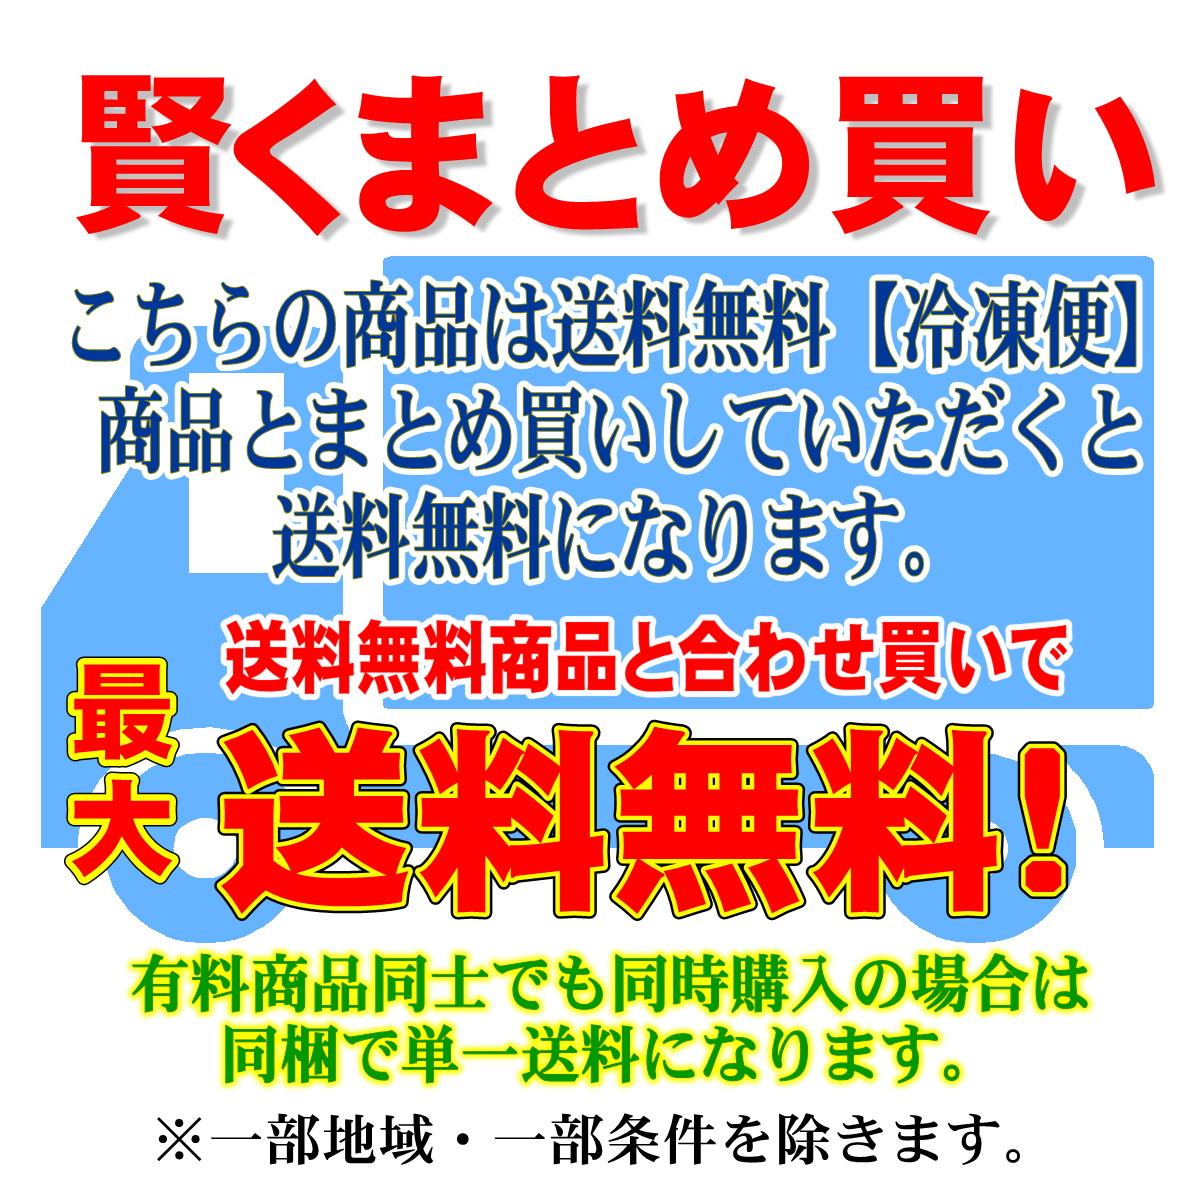 ムキエビ LLサイズ1箱10袋入り(1袋あたり・ 800g入り)【業務用】 炒め物、フライ、天ぷら等に【冷凍便】